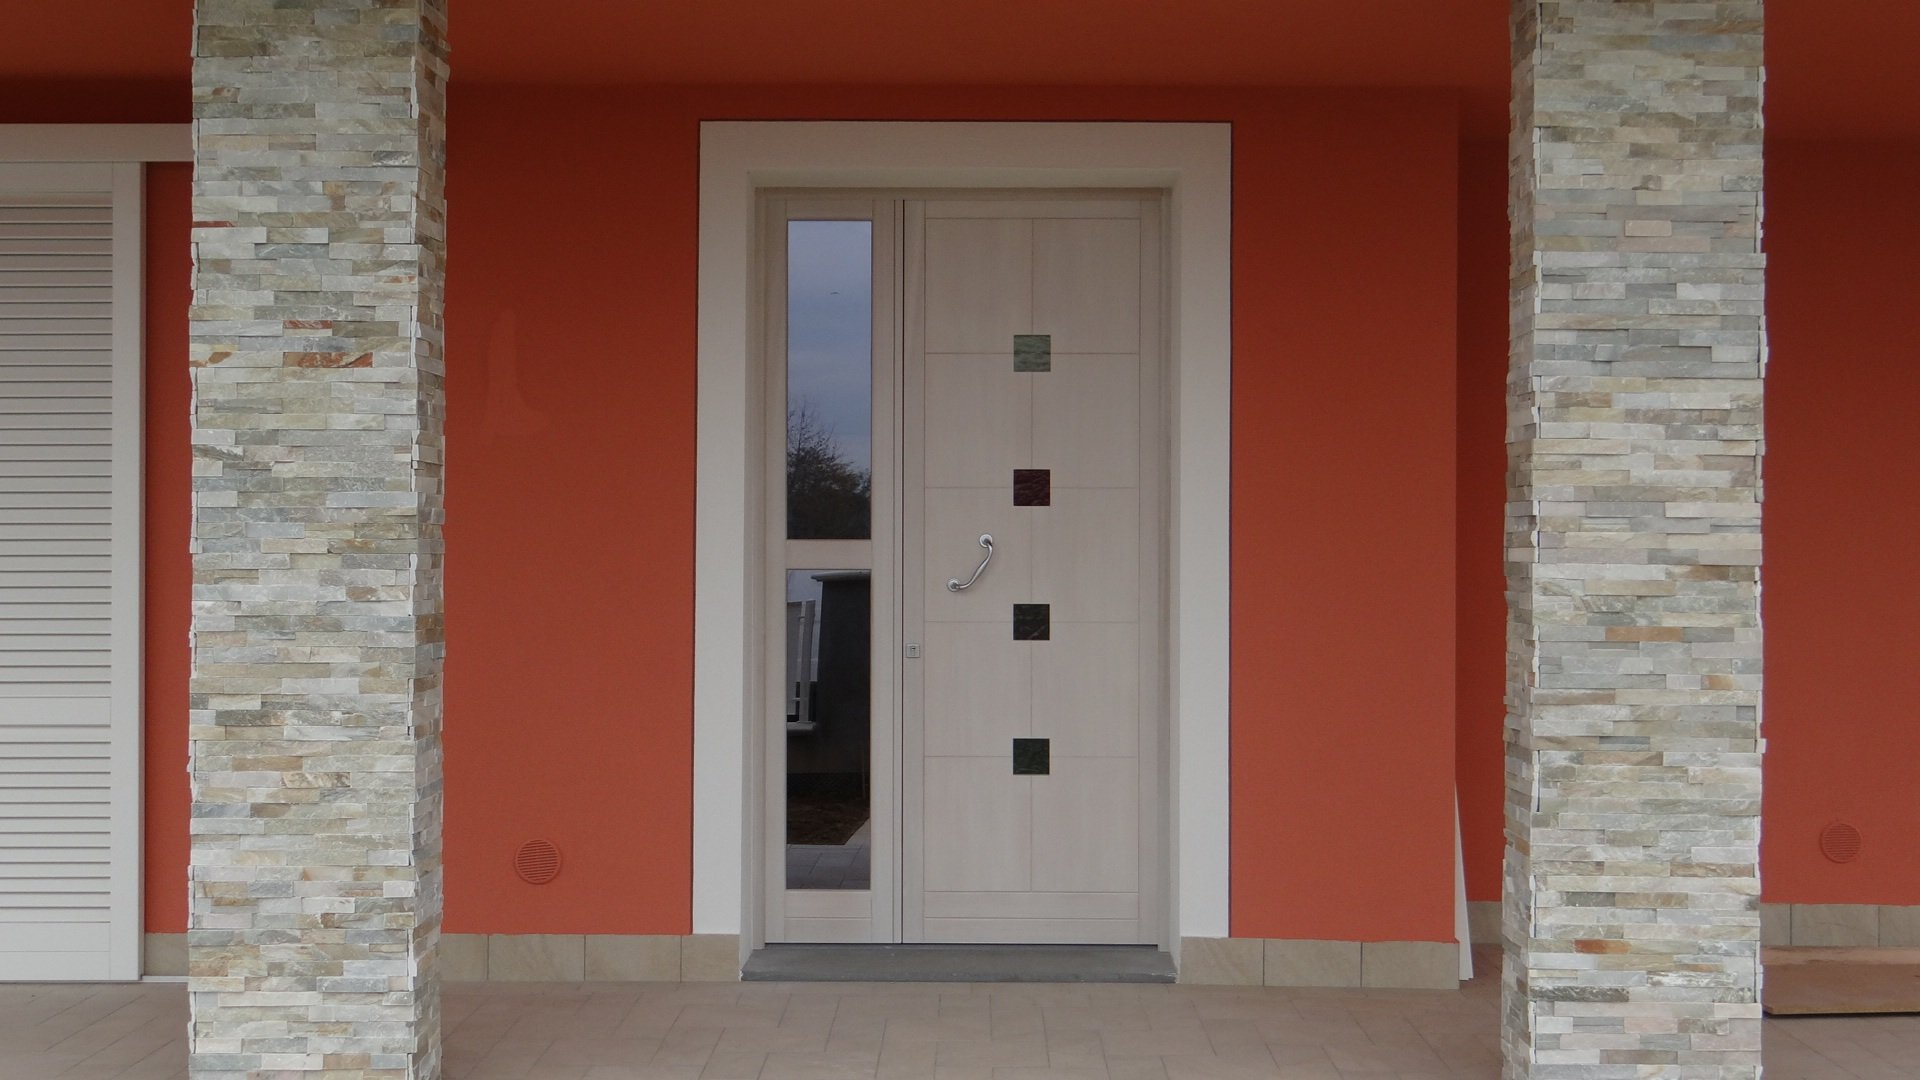 porta esterna in legno laccato con finestrelle verticali